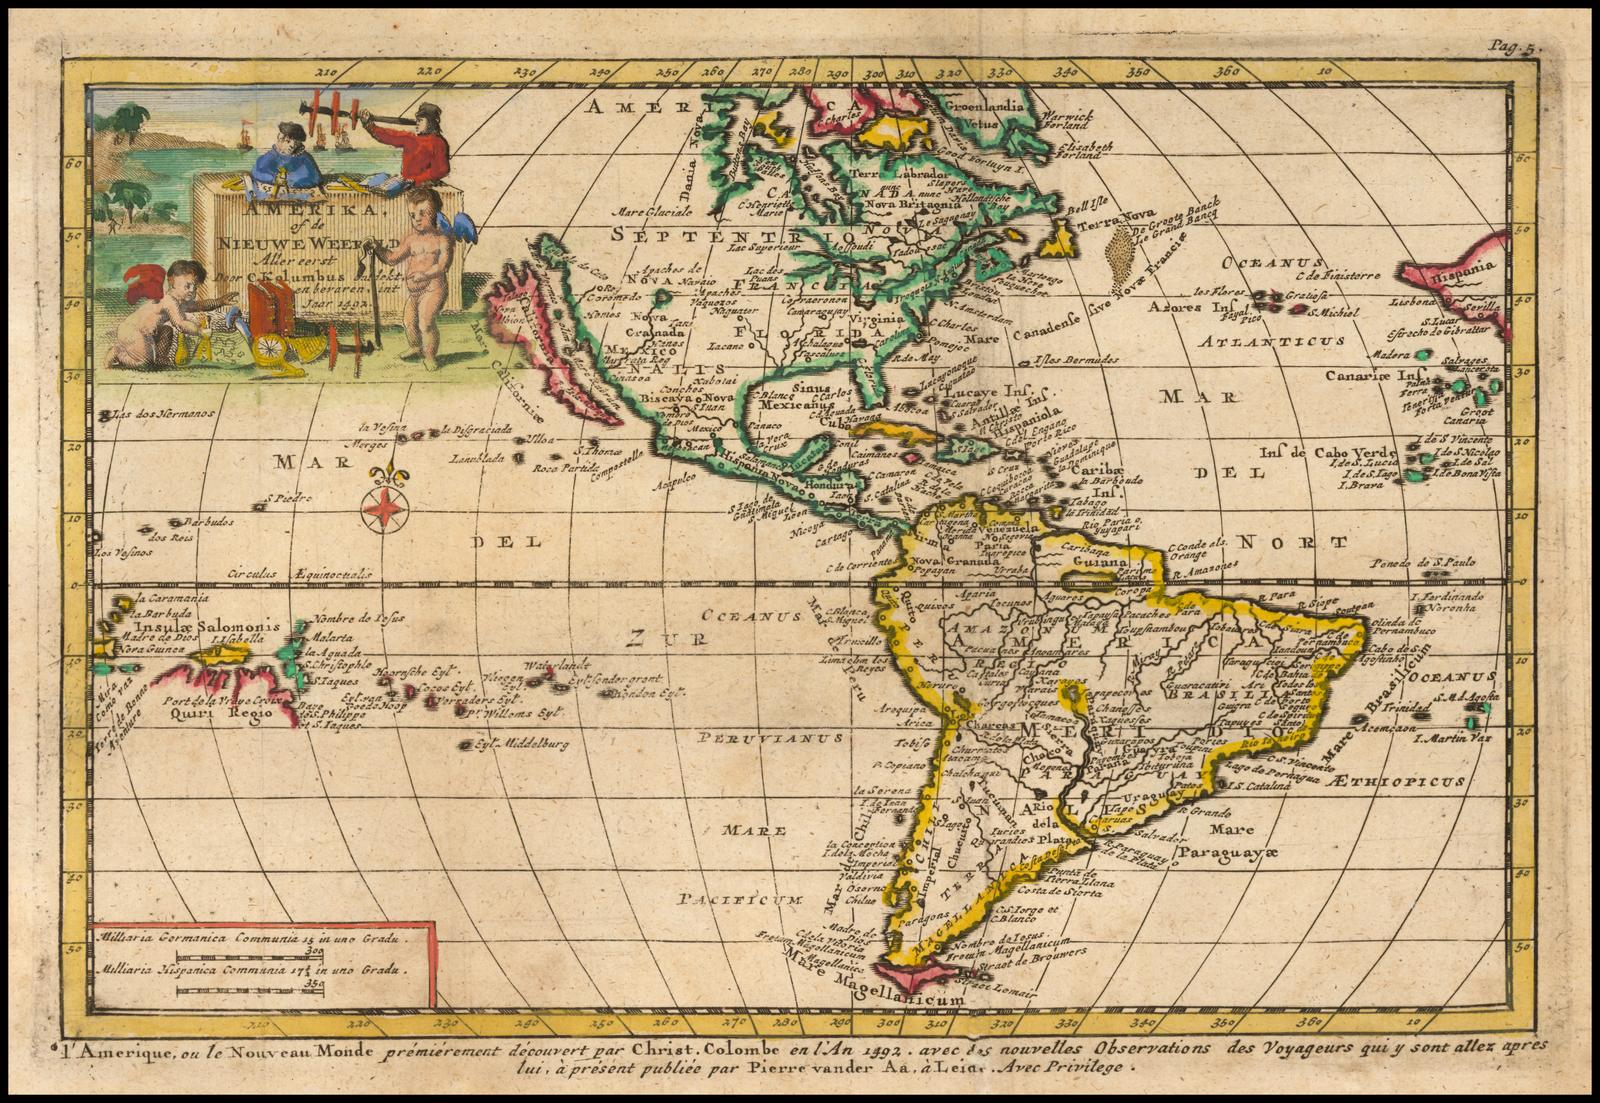 Amerika Of De Nieuwe Weerld Aller Eerst Door C Kolumbus 1492 Barry Lawrence Ruderman Antique Maps Inc